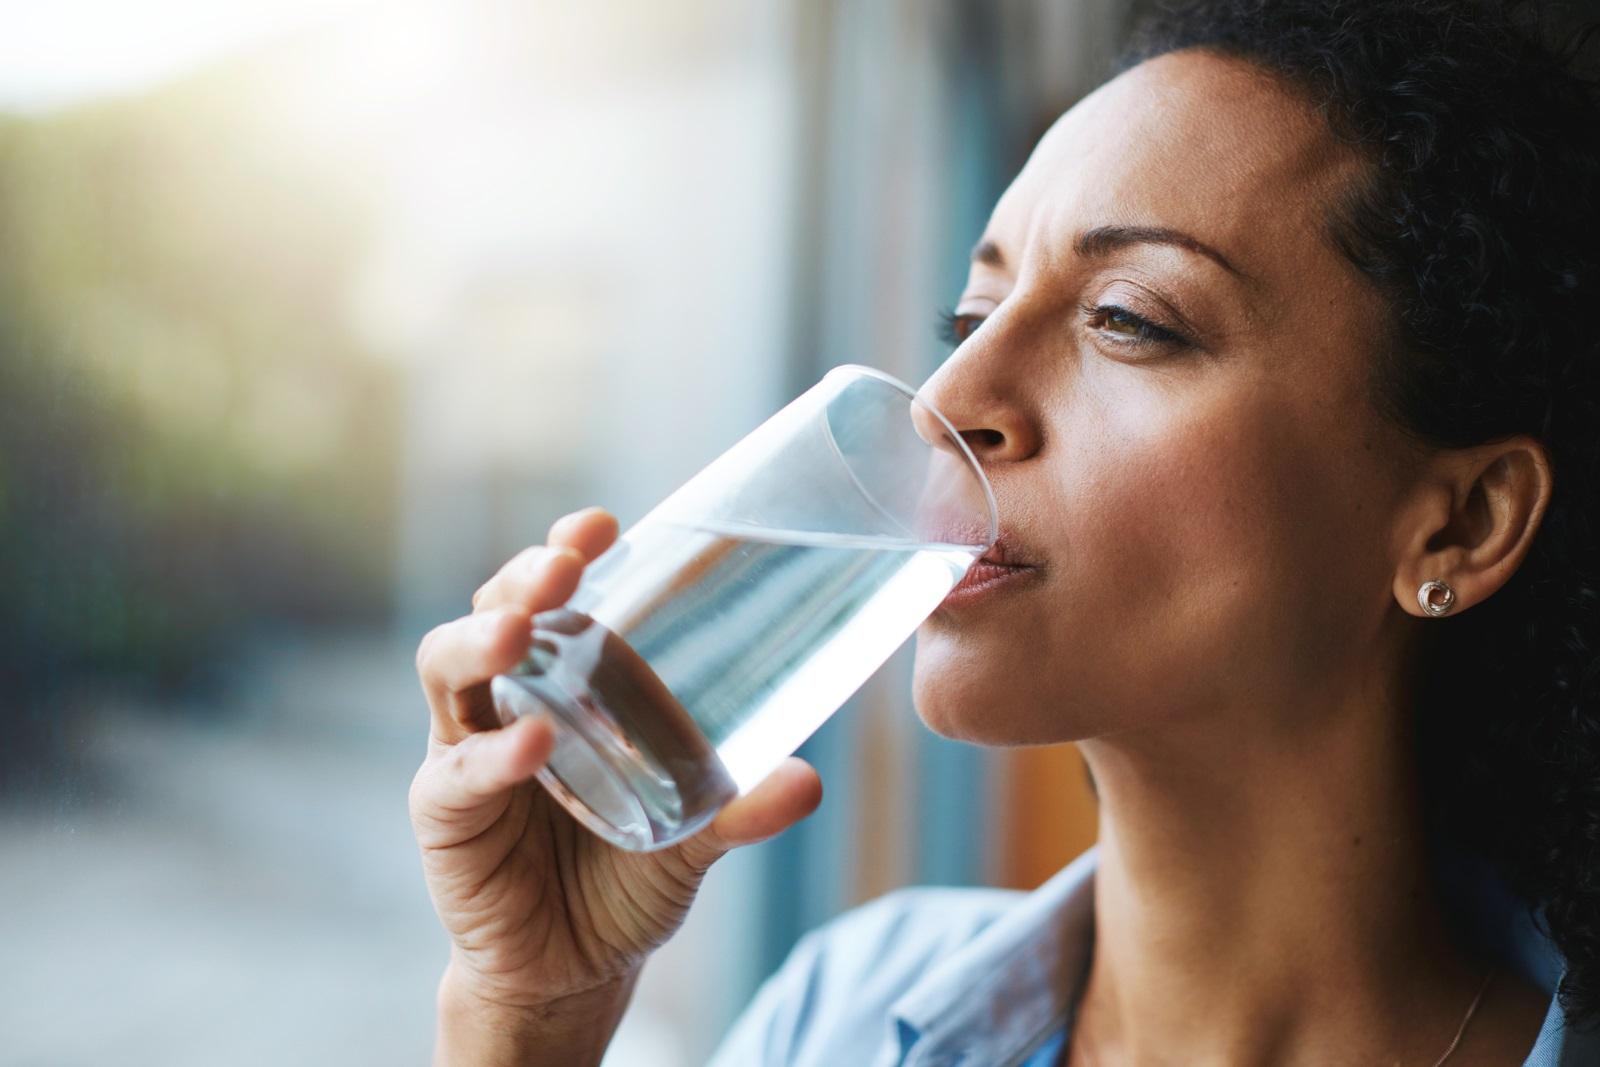 Пиенето на топла вода сутрин преди закускапомага срещу пикочните инфекциии намалява киселините в стомаха.